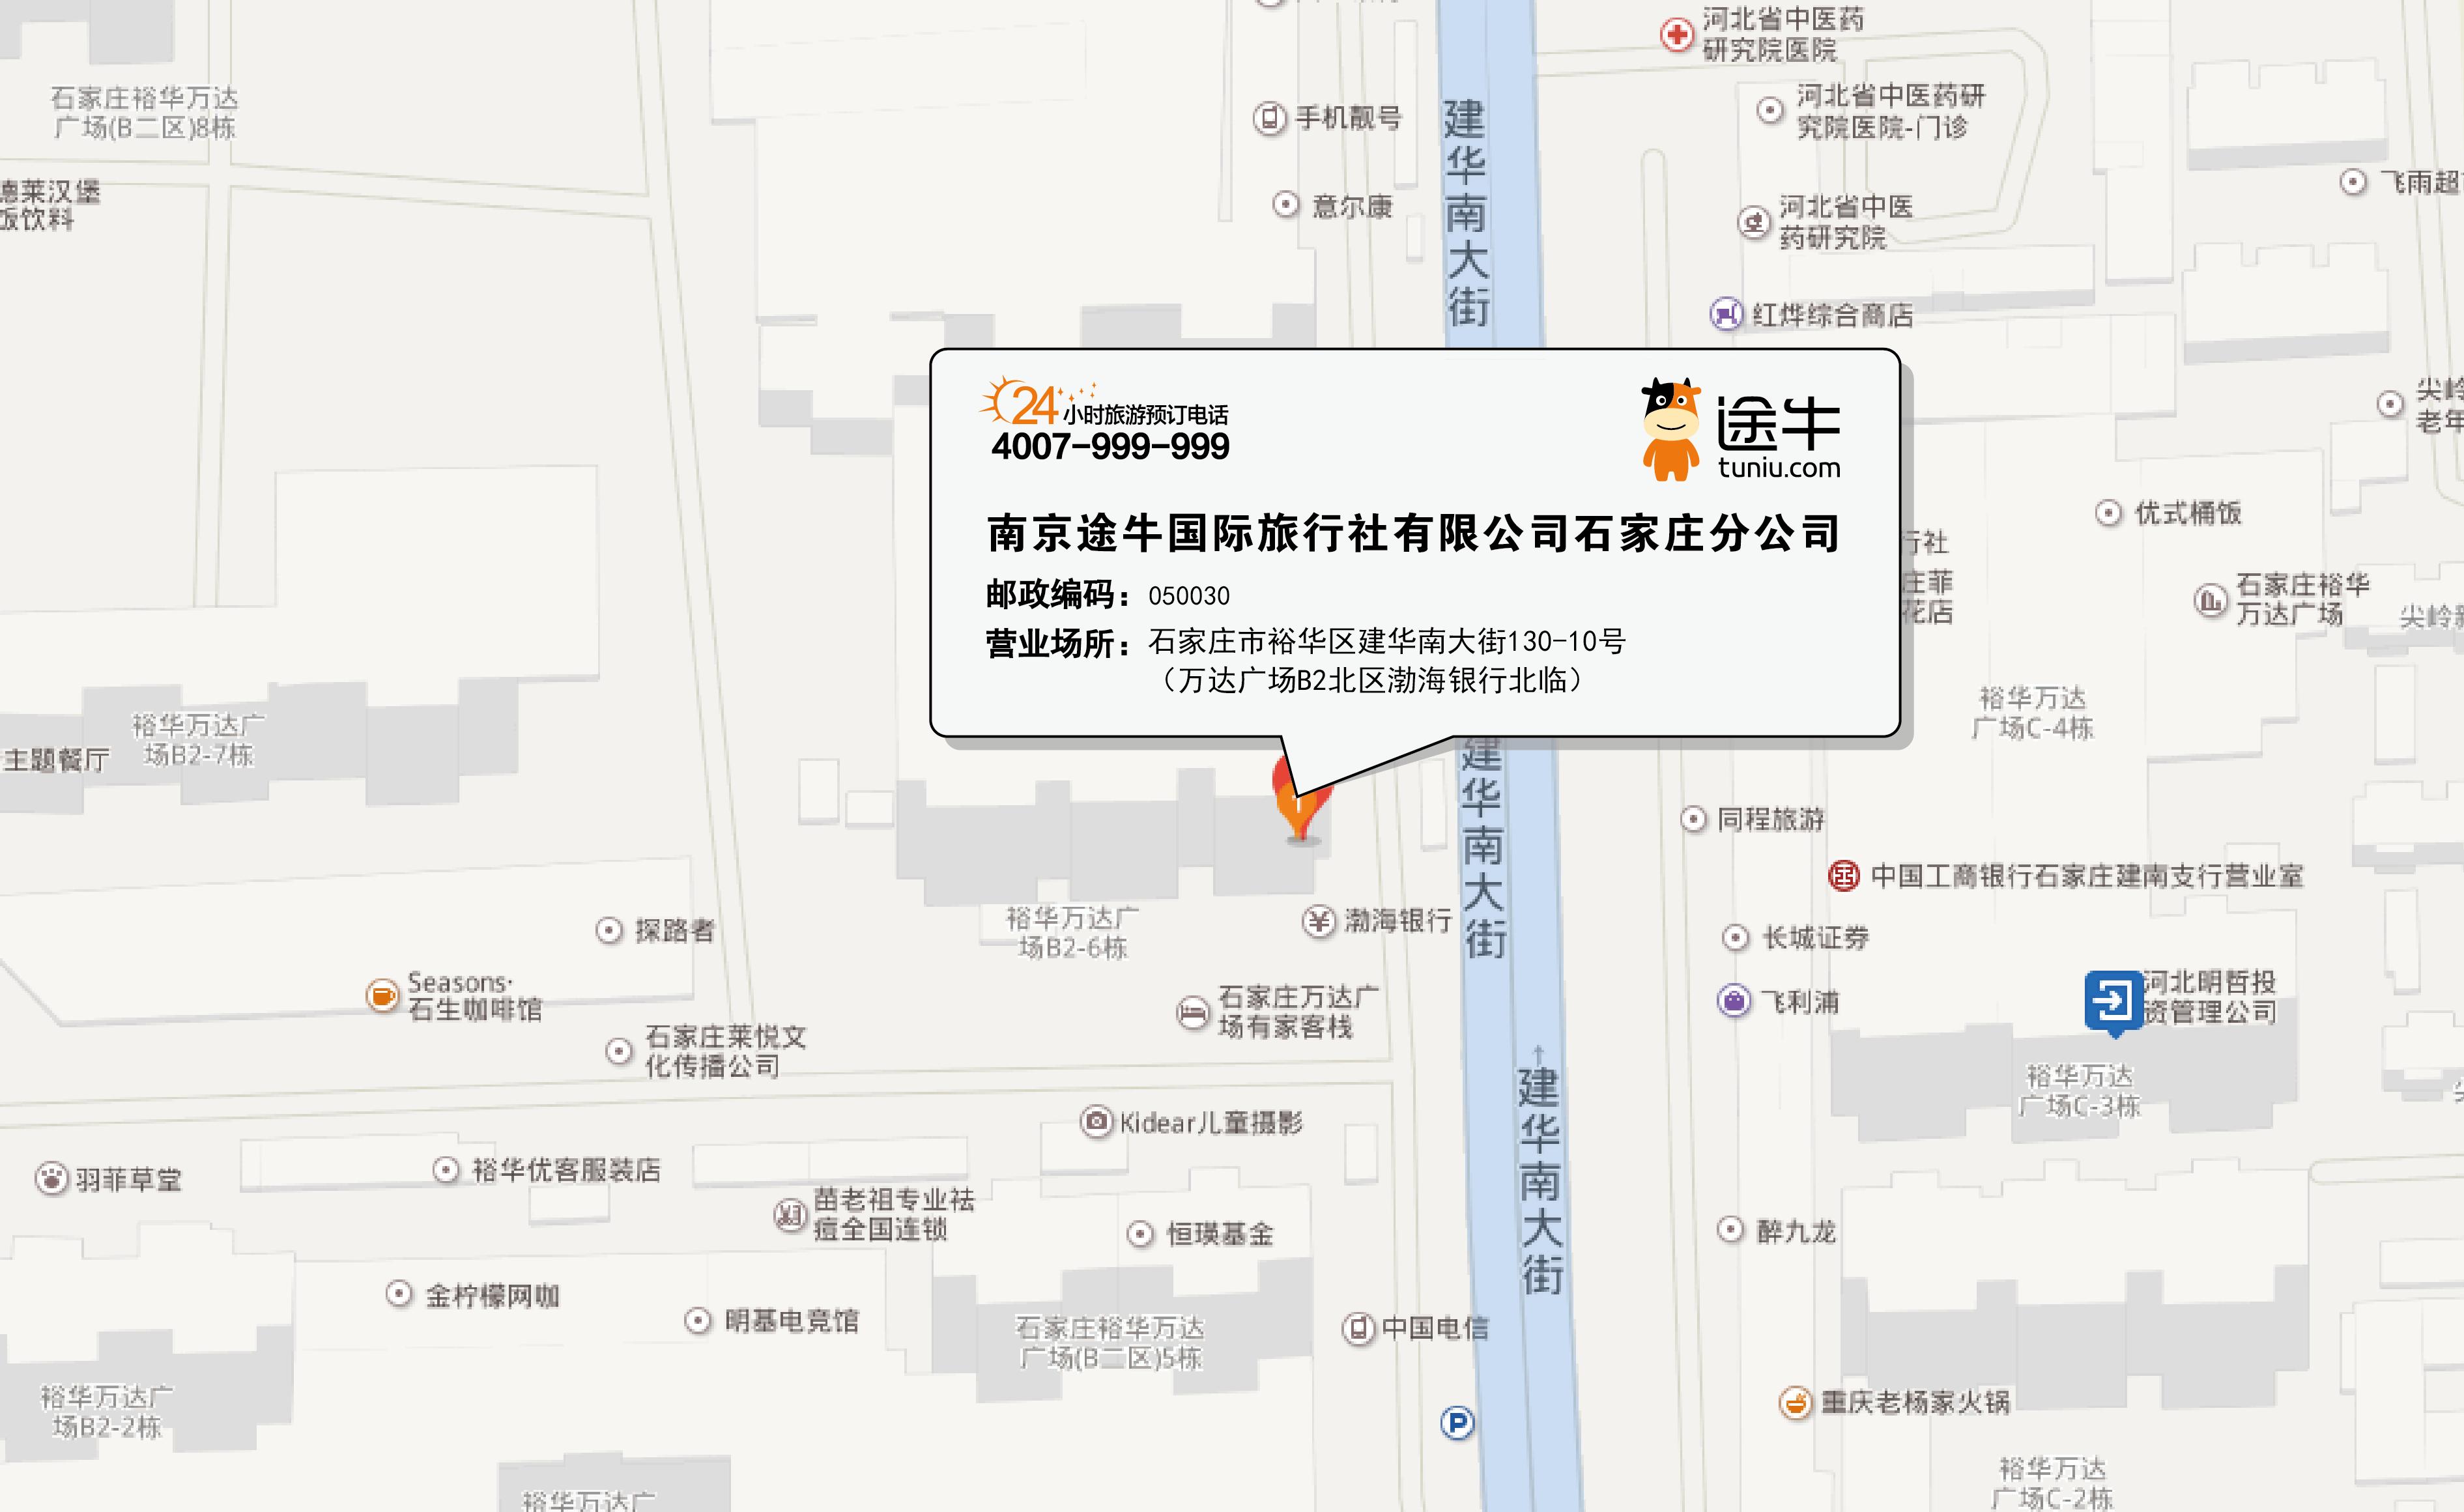 南京途牛国际旅行社有限公司石家庄分公司地图